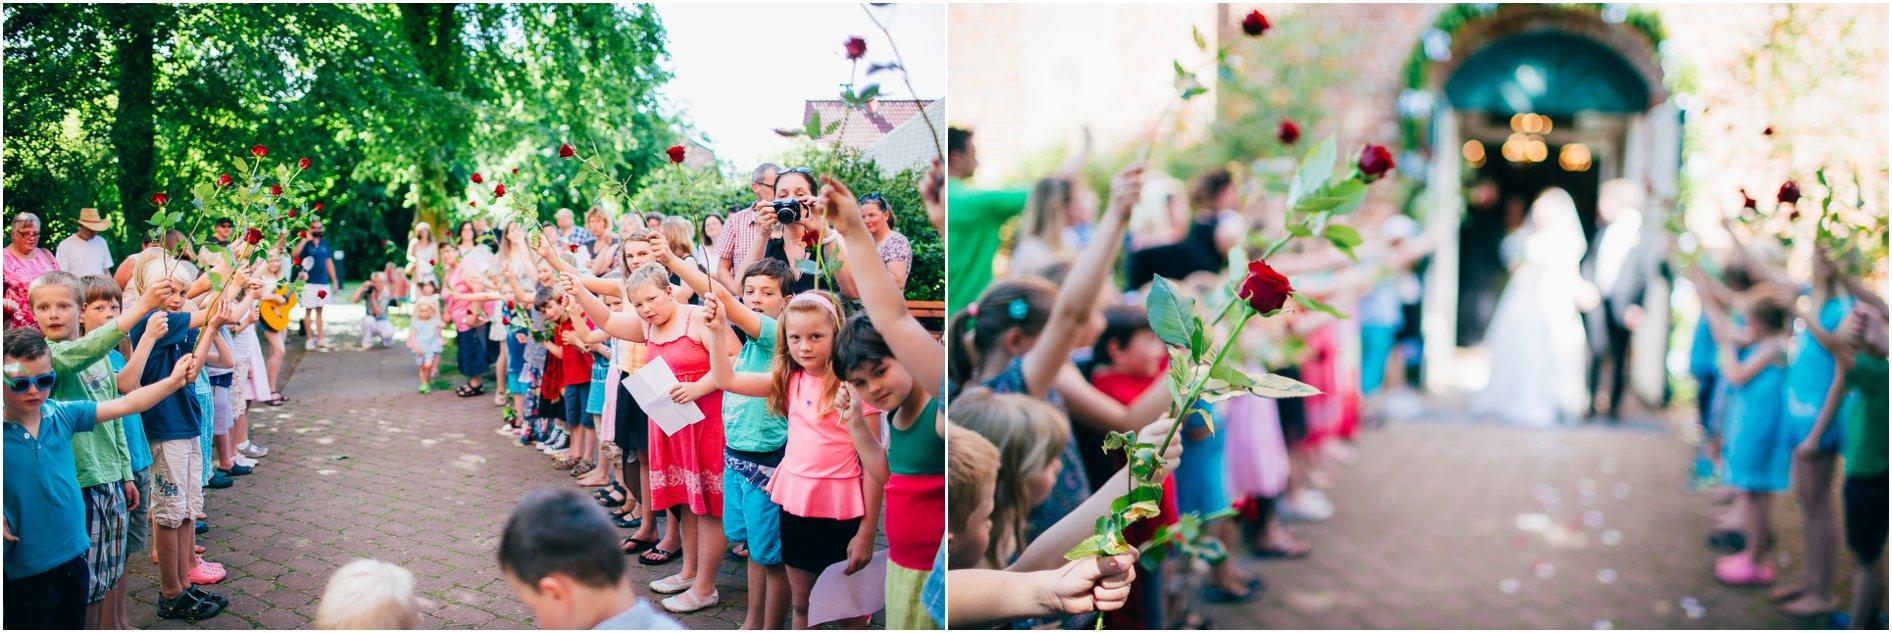 2014-08-07_0045 Wiebke und Marcio - Hochzeitsfotograf in Lüneburg